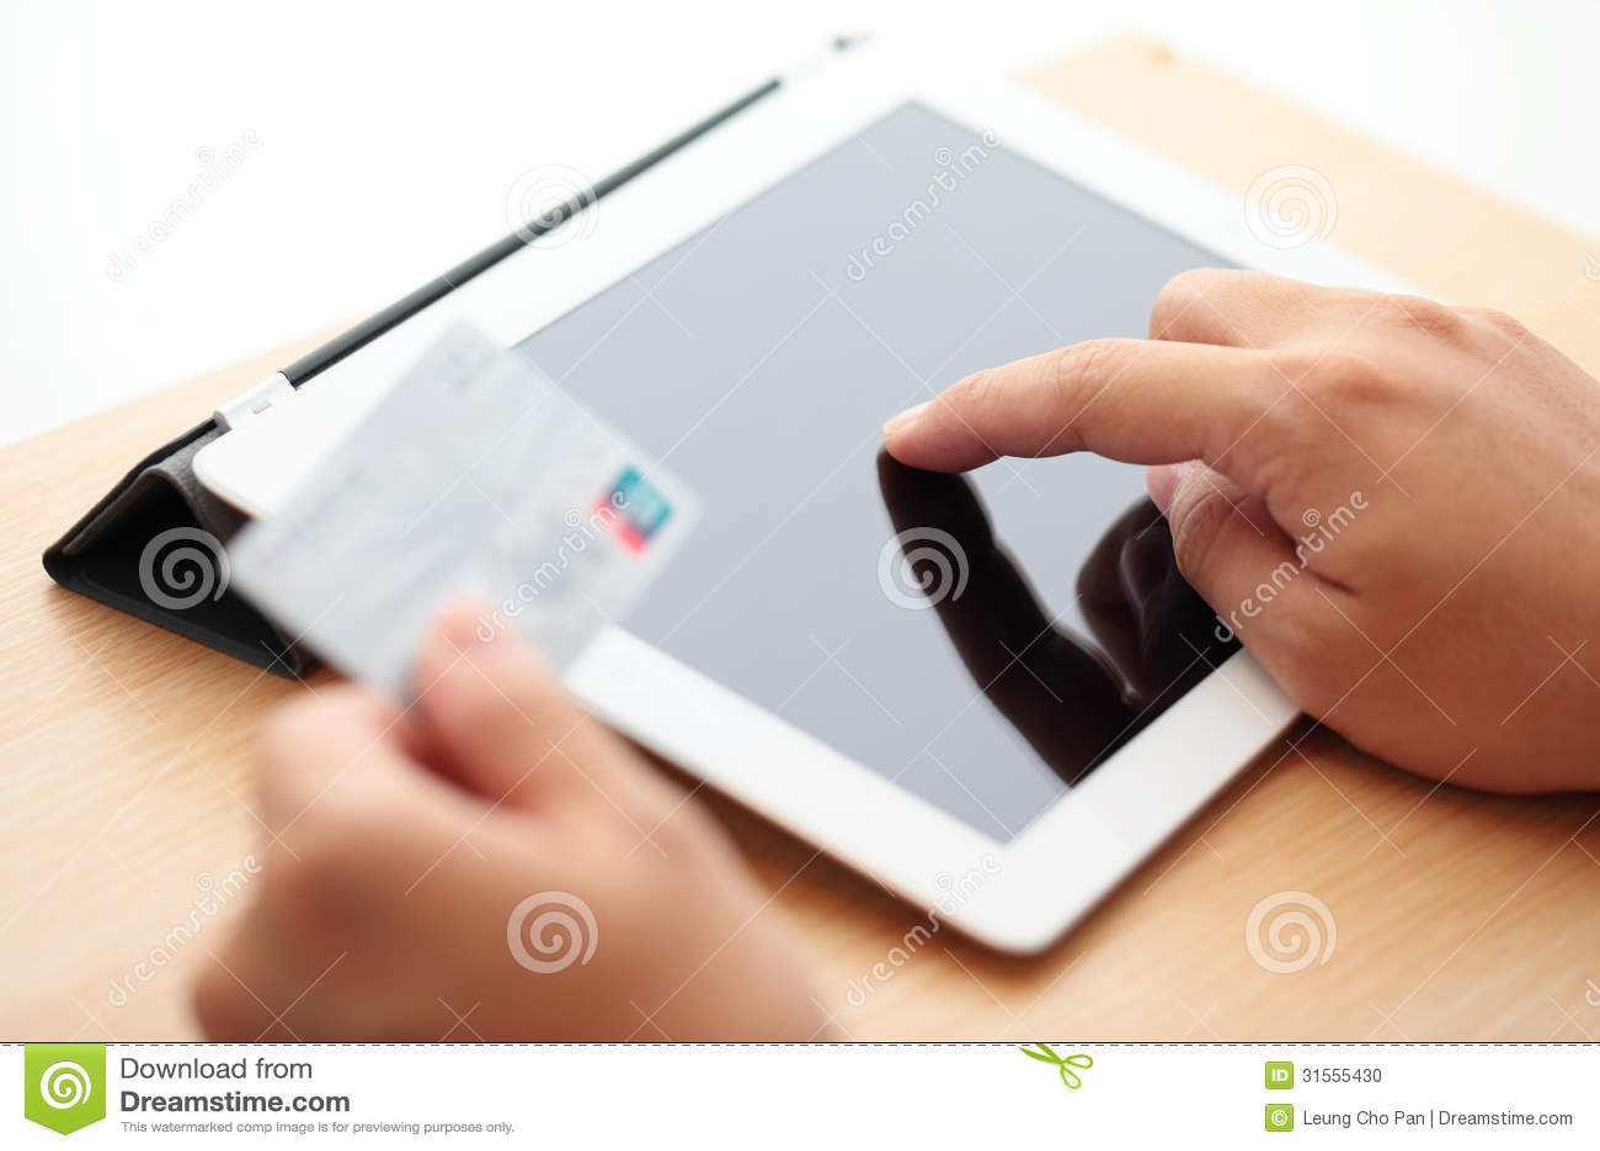 Shop online express credit online